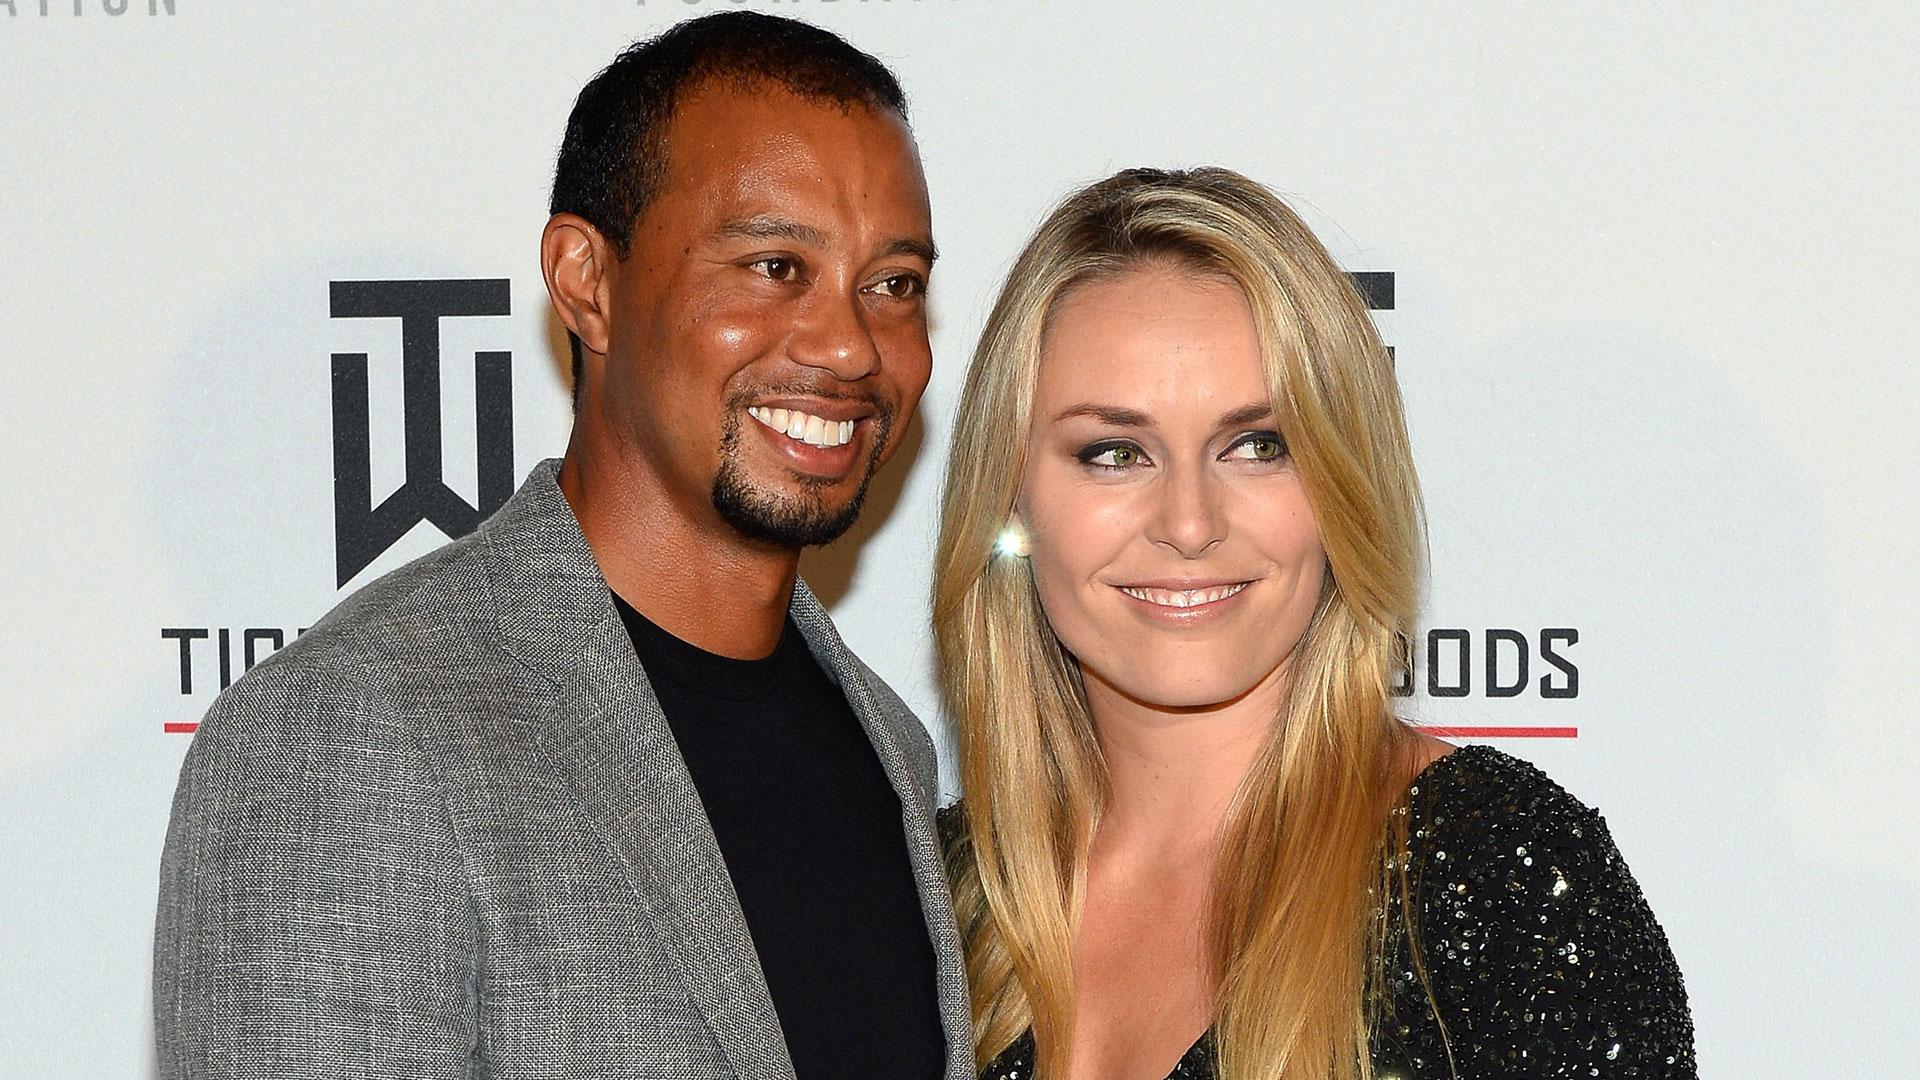 Tiger Woods and former partner Lindsey Vonns hacked nude